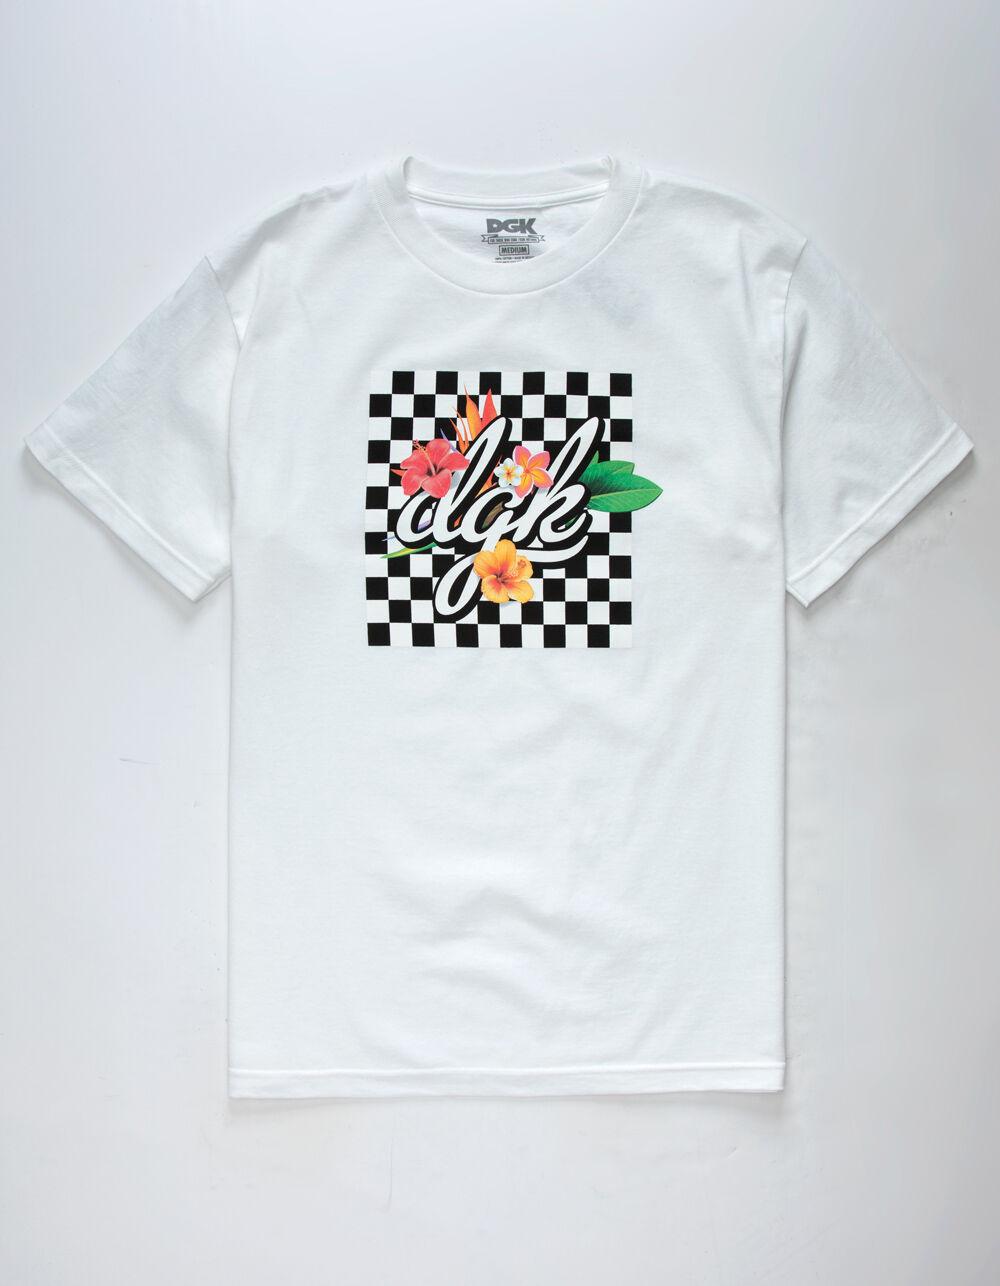 DGK Tropical T-Shirt